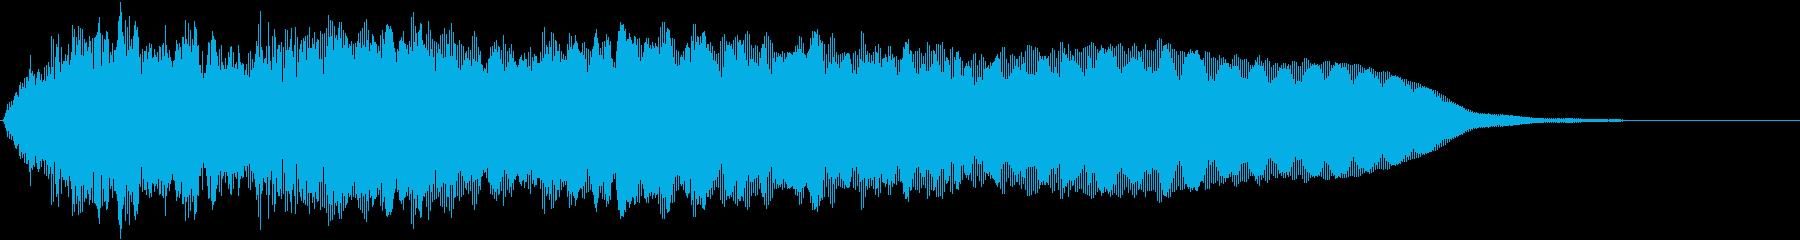 アラブ風の女性のコーラス_歌声_Dの再生済みの波形